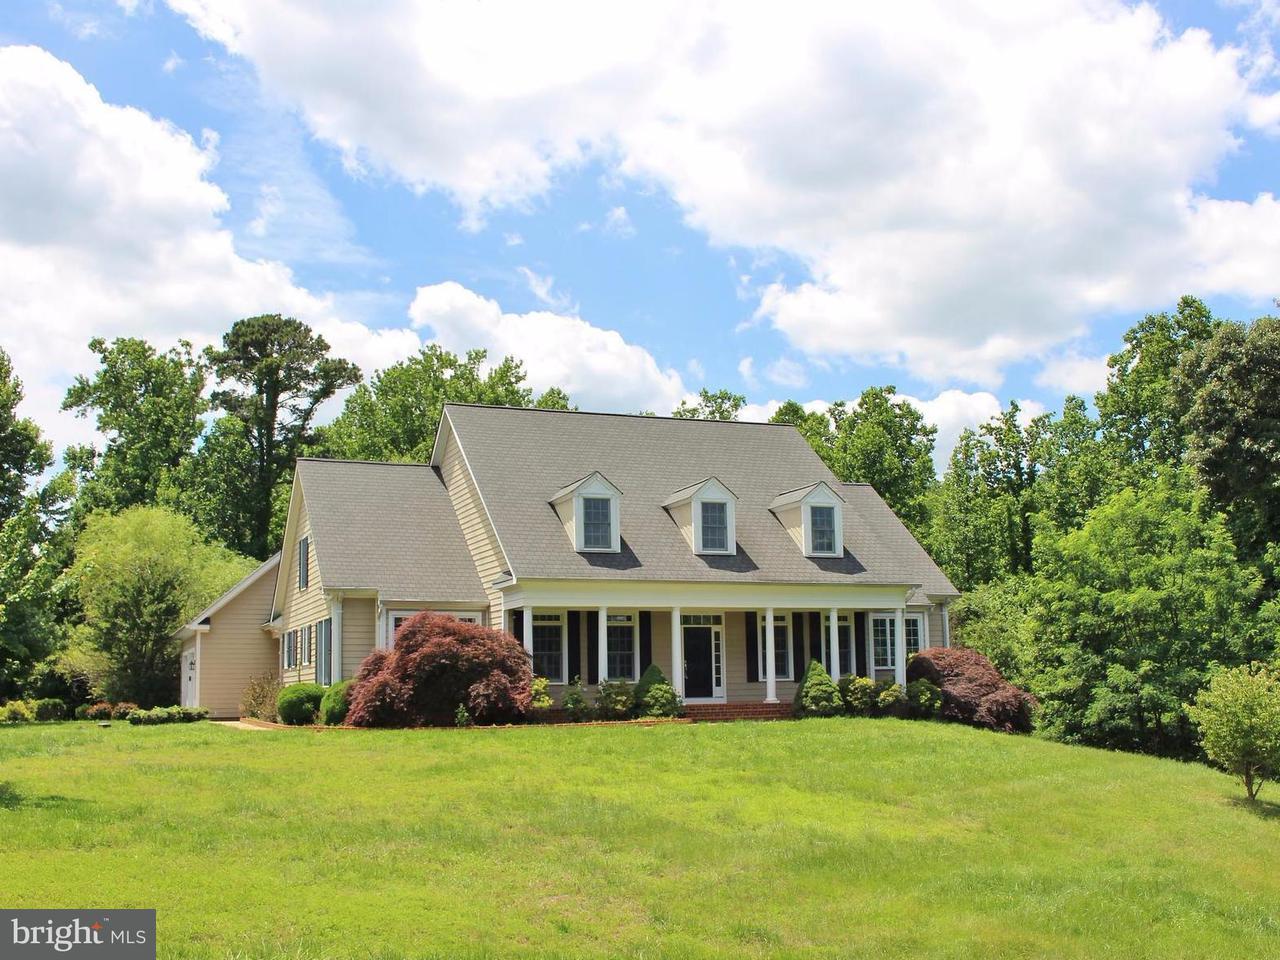 Casa Unifamiliar por un Venta en 55 AZTEC Drive 55 AZTEC Drive Stafford, Virginia 22554 Estados Unidos